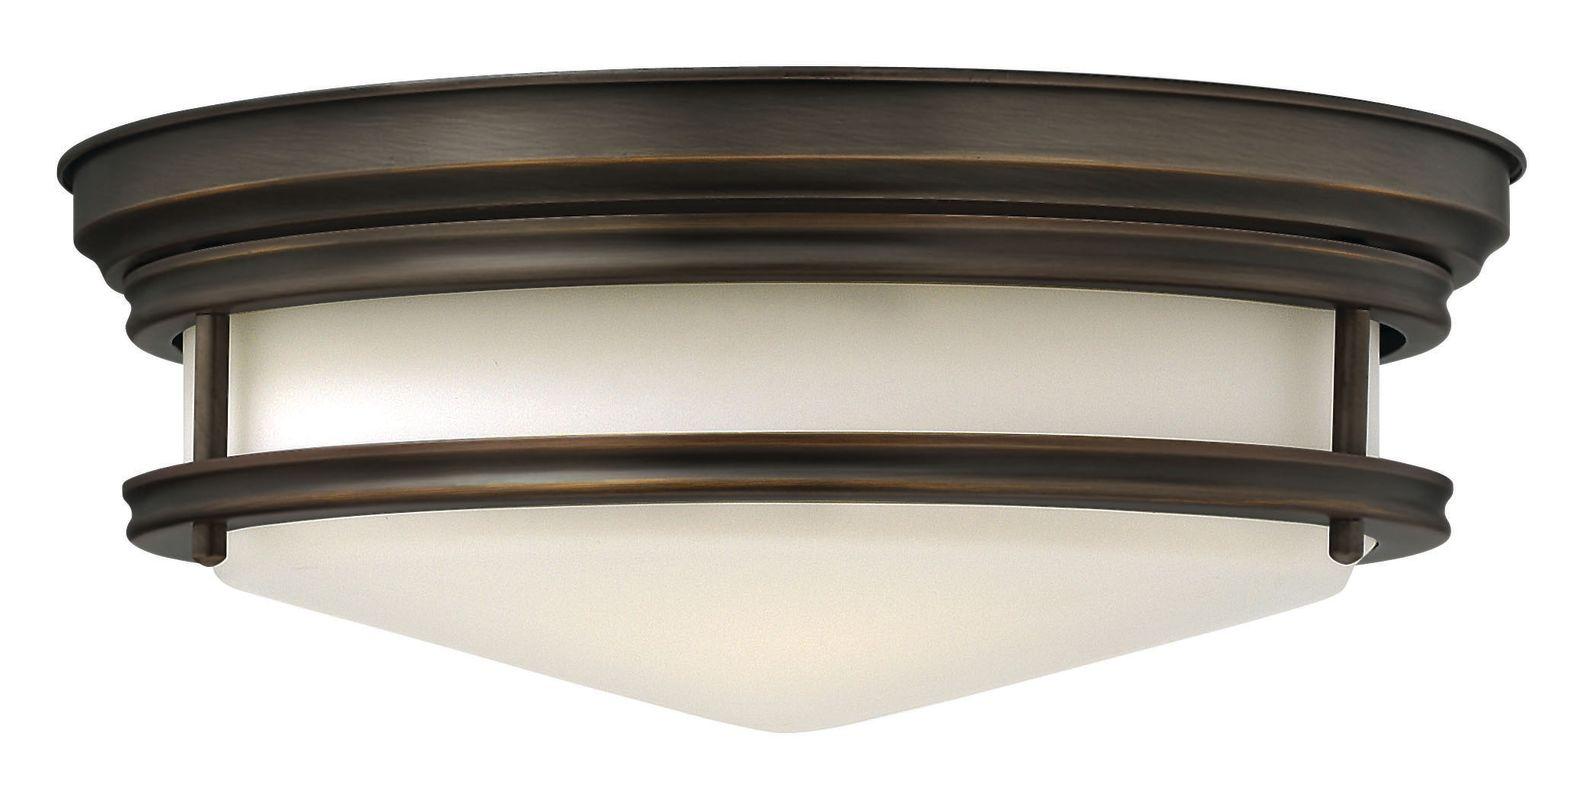 Hinkley Lighting 3301-GU24 3 Light Title 24 Fluorescent Flush Mount Sale $269.00 ITEM#: 2635252 MODEL# :3301OZ-GU24 UPC#: 640665330342 :